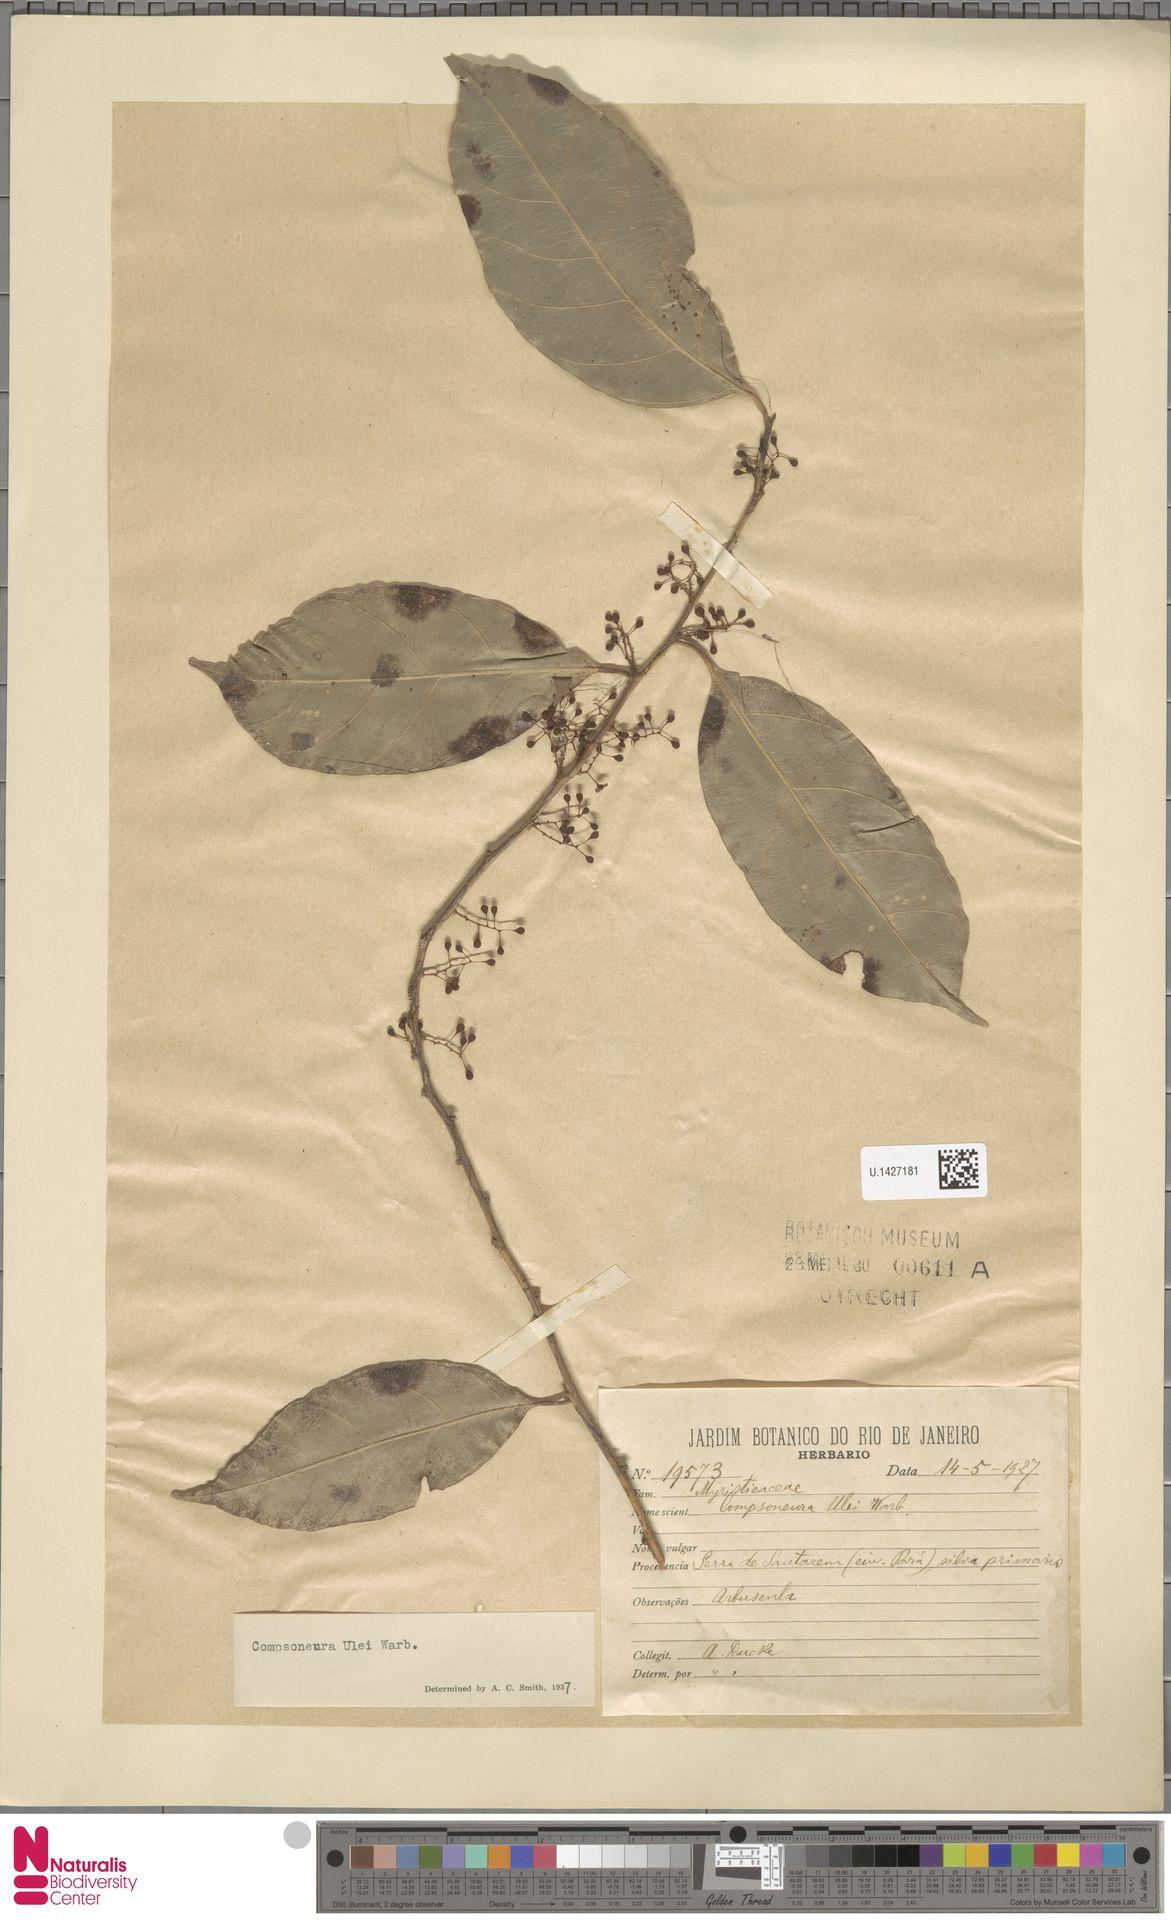 U.1427181 | Compsoneura ulei Warb.